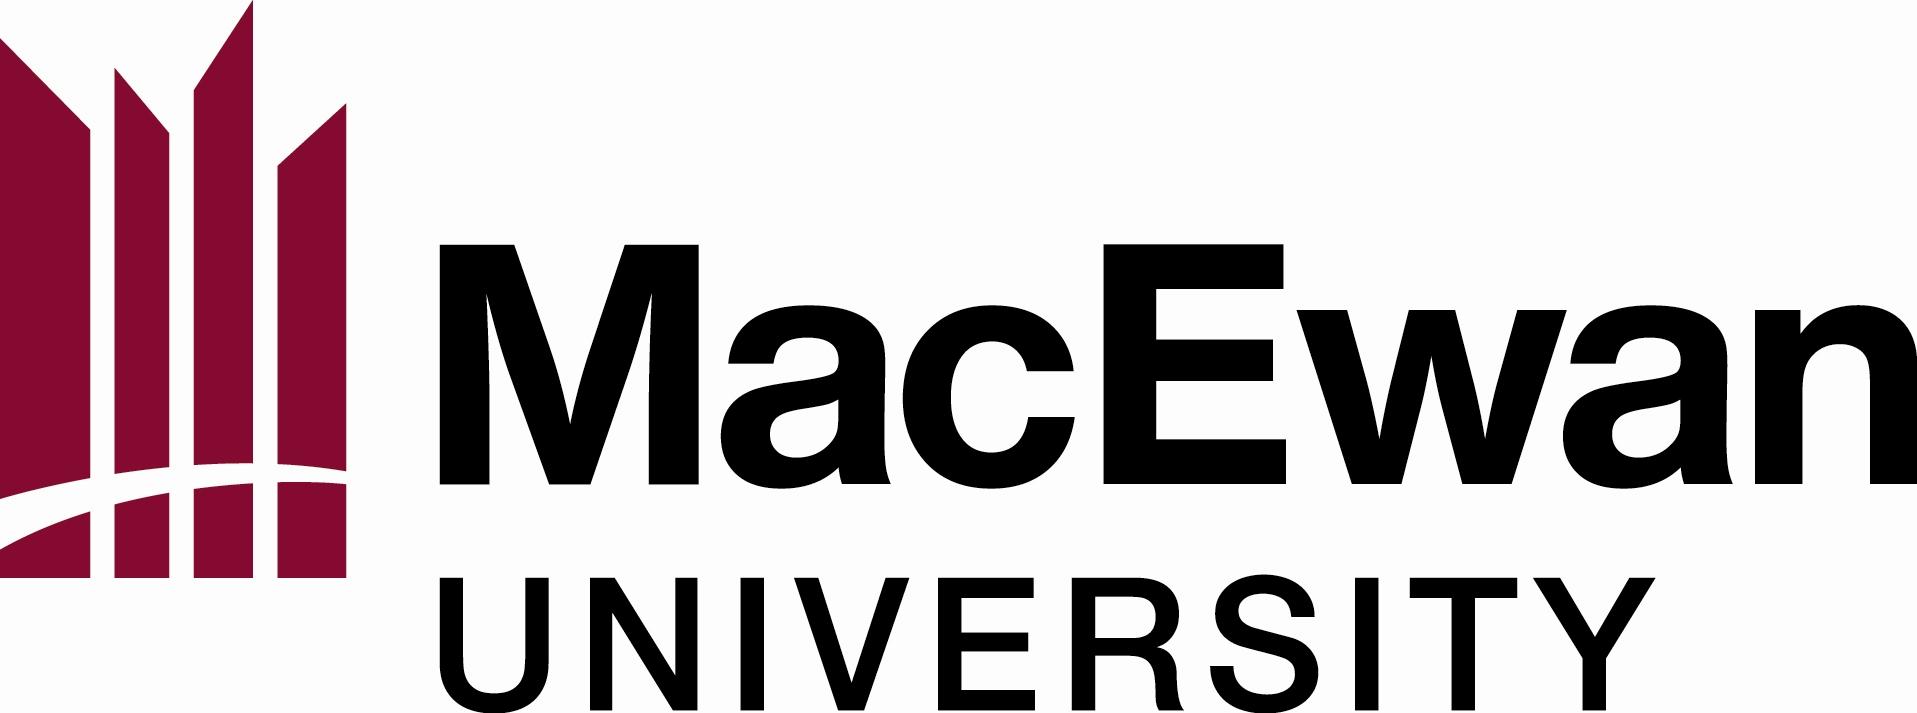 Grant MacEwan University